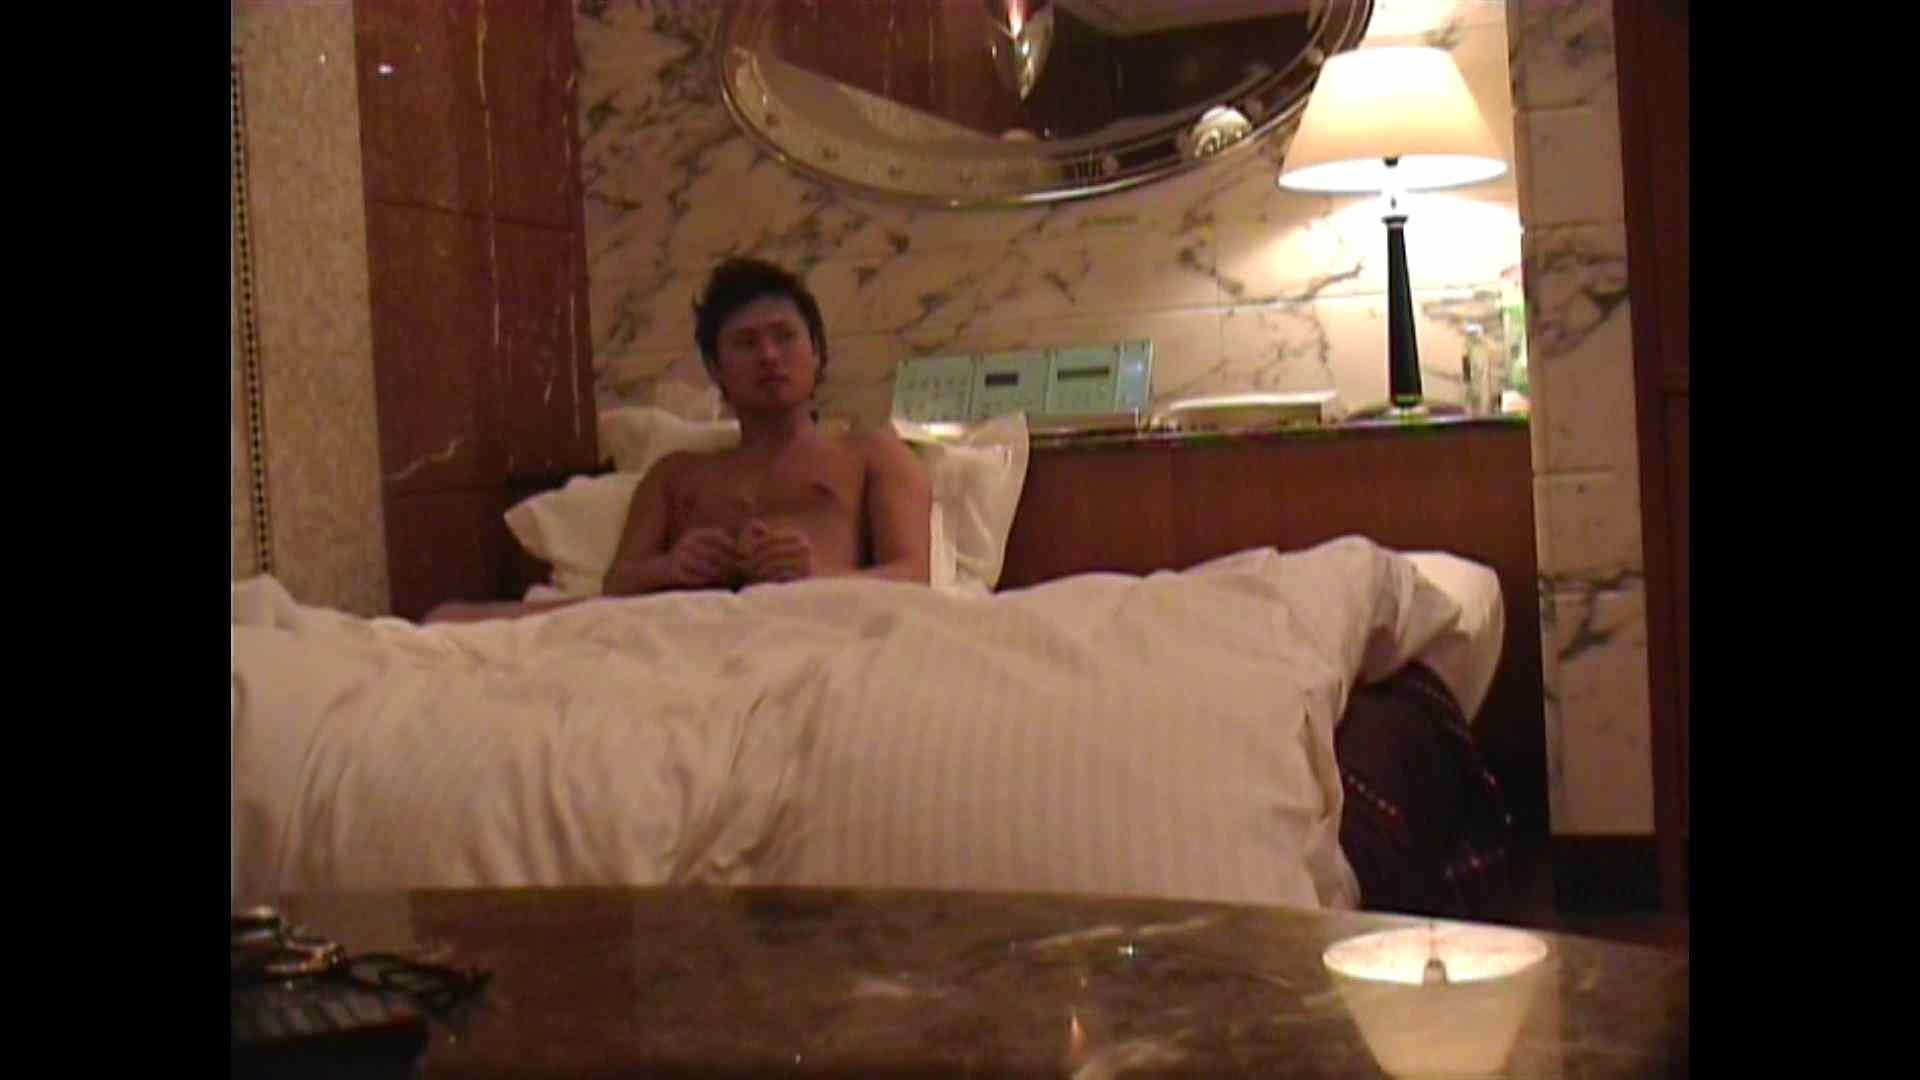 オナ好き五郎さん投稿!イケメン限定、オナニーでイク瞬間を撮影 その2 ノンケ ゲイ無料エロ画像 98連発 48